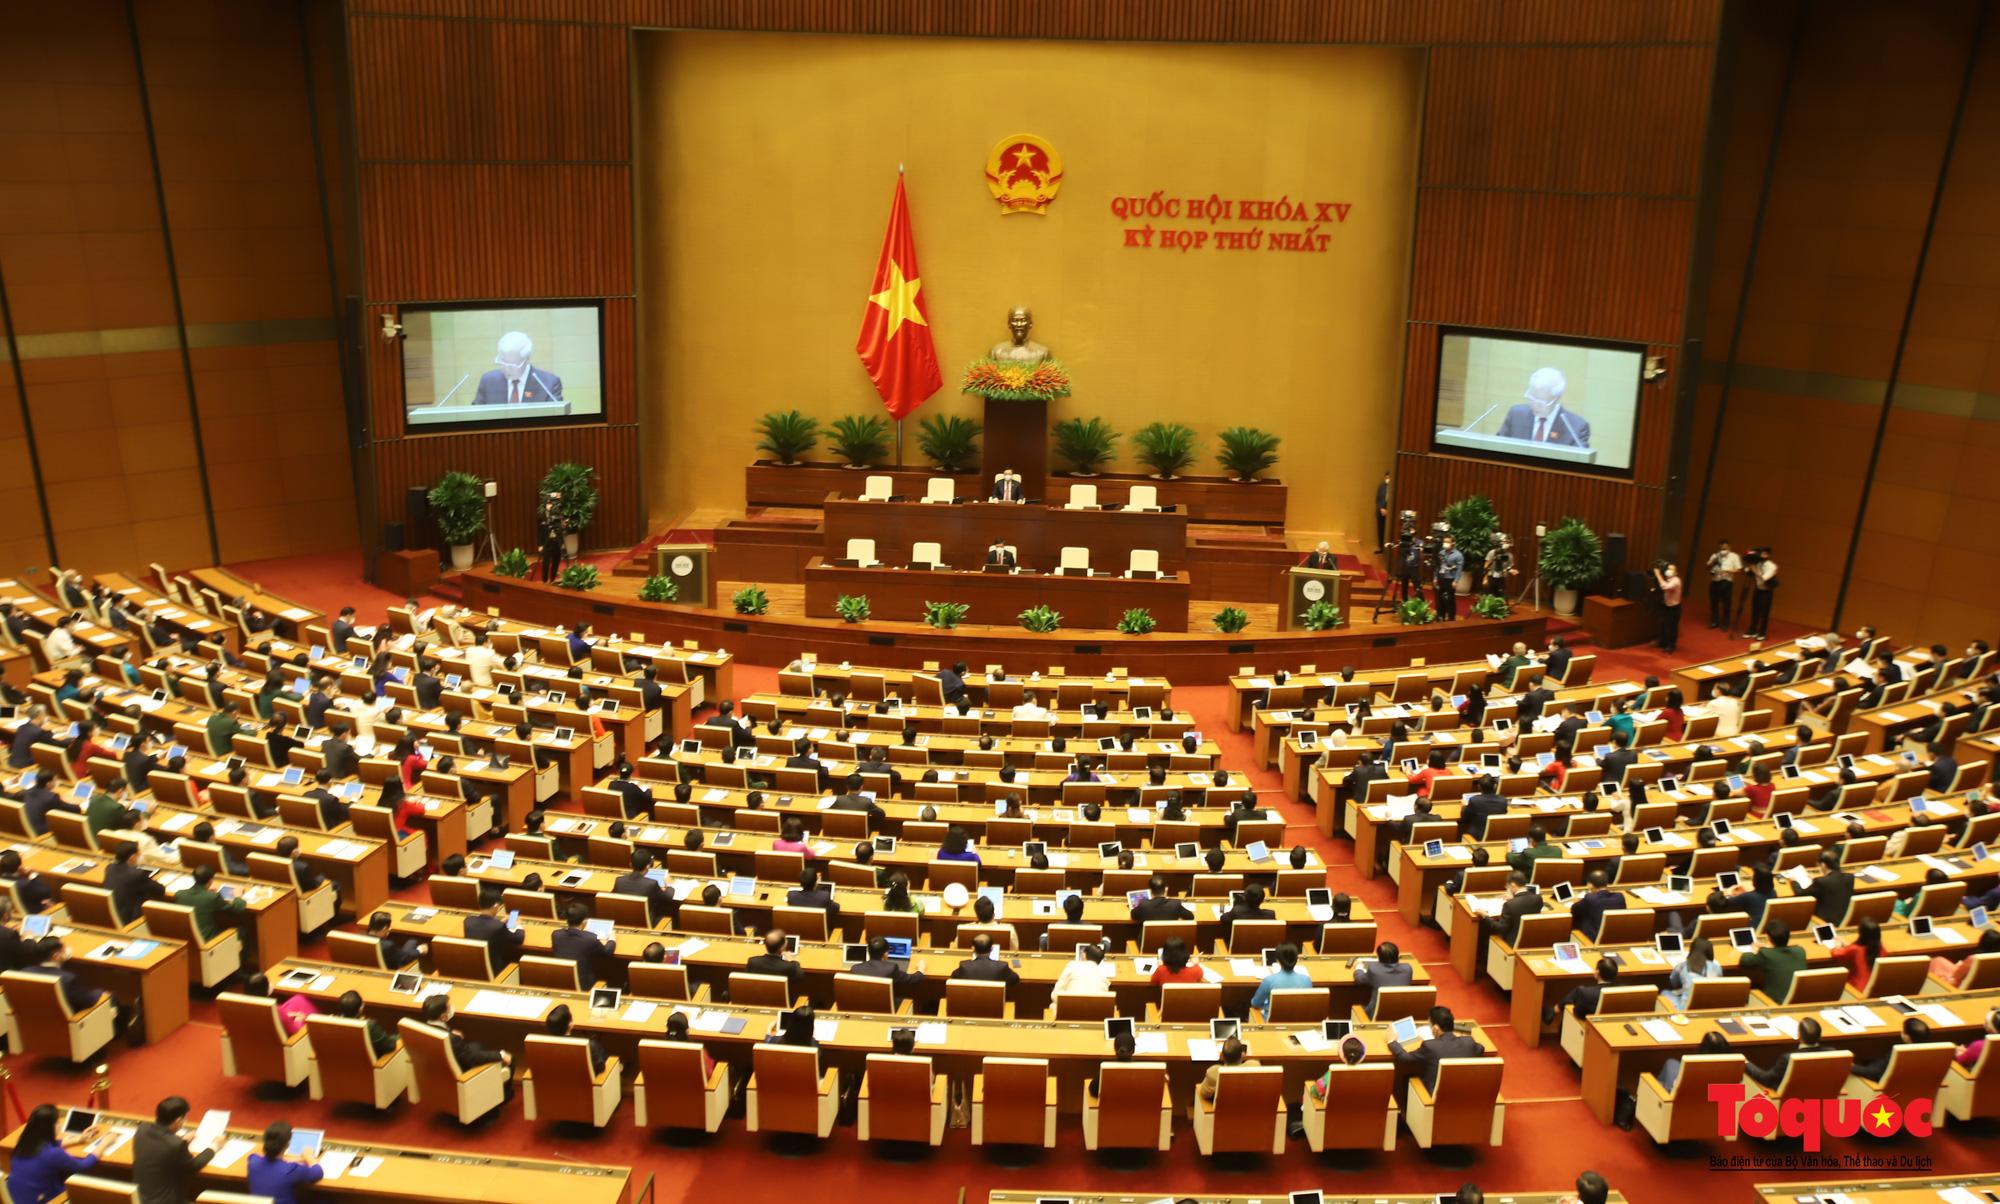 Chùm ảnh: Khai mạc trọng thể Kỳ họp thứ nhất, Quốc hội khóa XV - Ảnh 2.